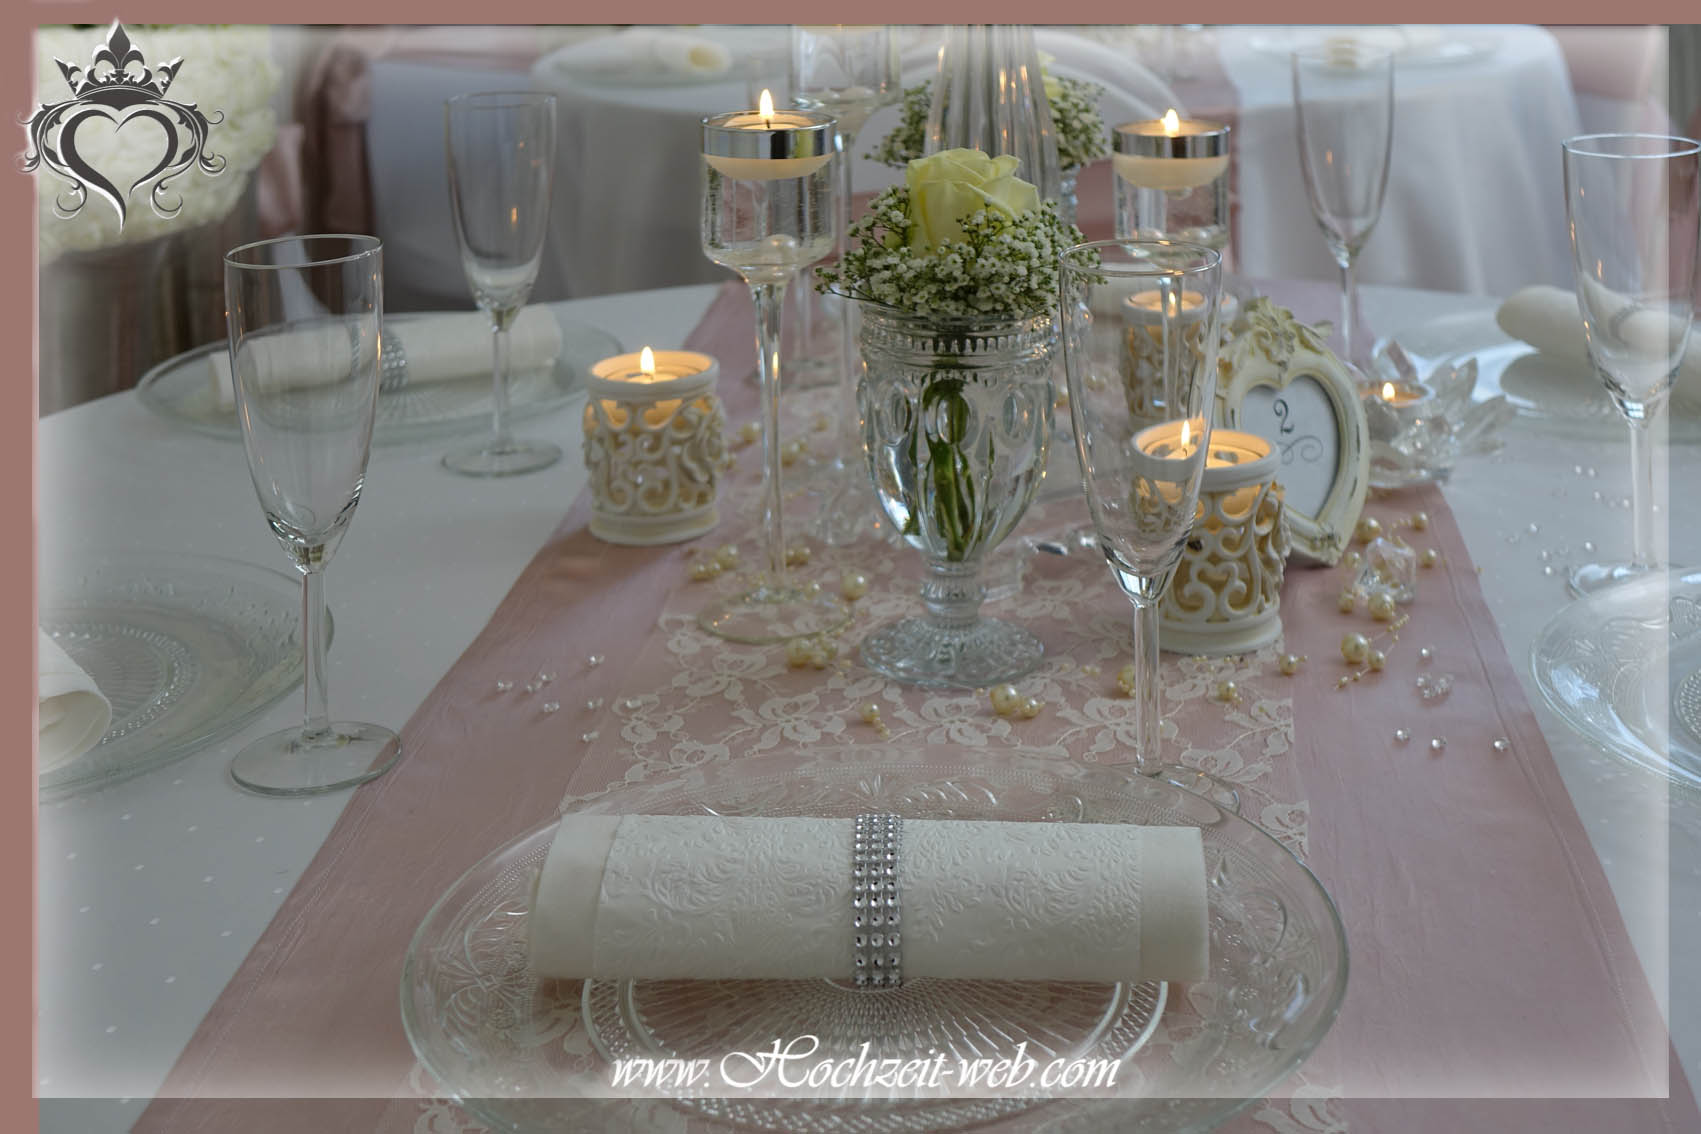 Glas platzteller oder platzteller in goldene farbe for Tischdeko altrosa